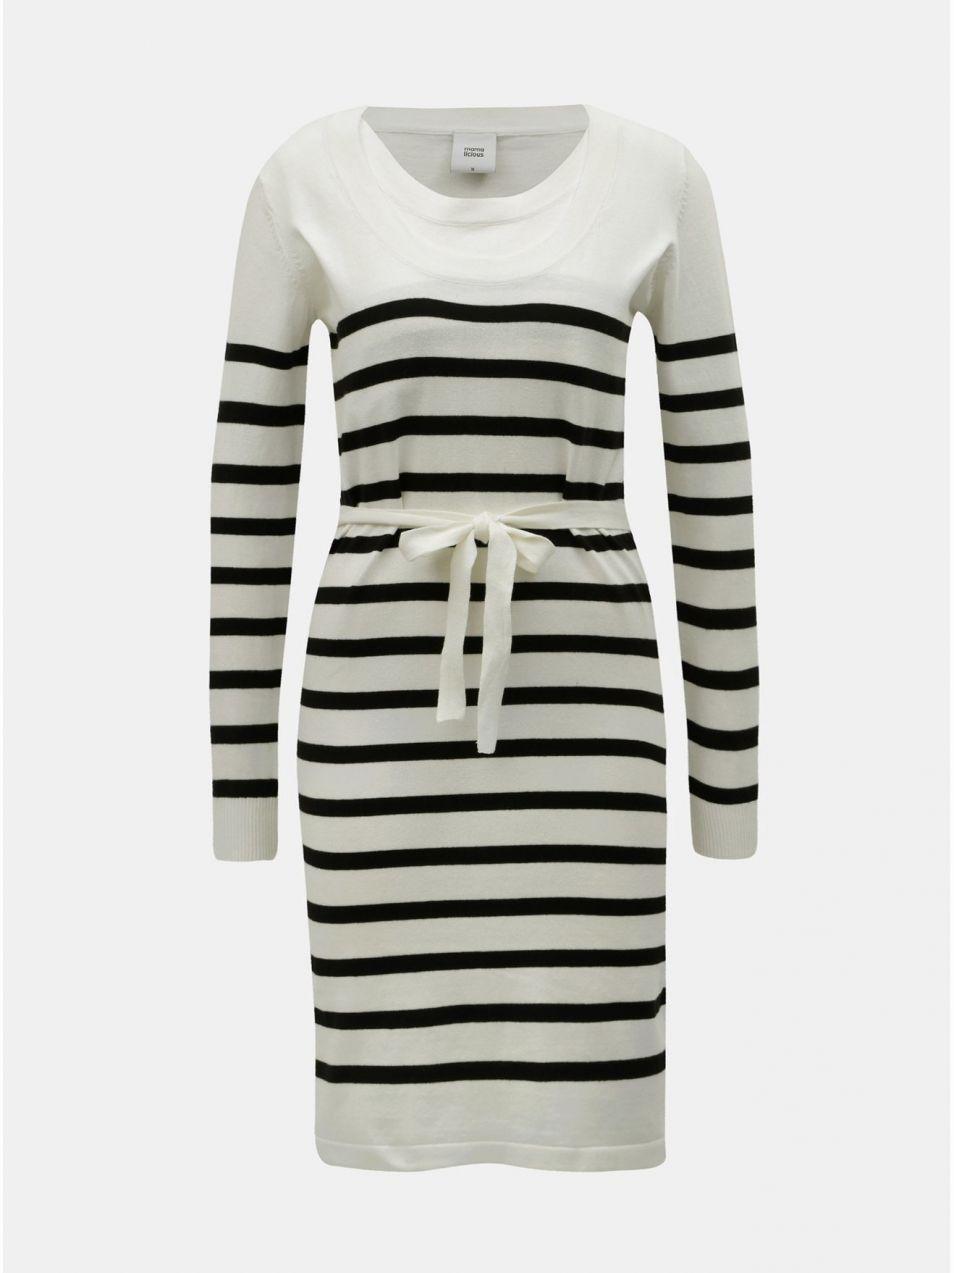 Čierno–krémové tehotenské pruhované svetrové šaty na dojčenie Mama.licious  Newanga značky Mama.licious - Lovely.sk 37d96122487